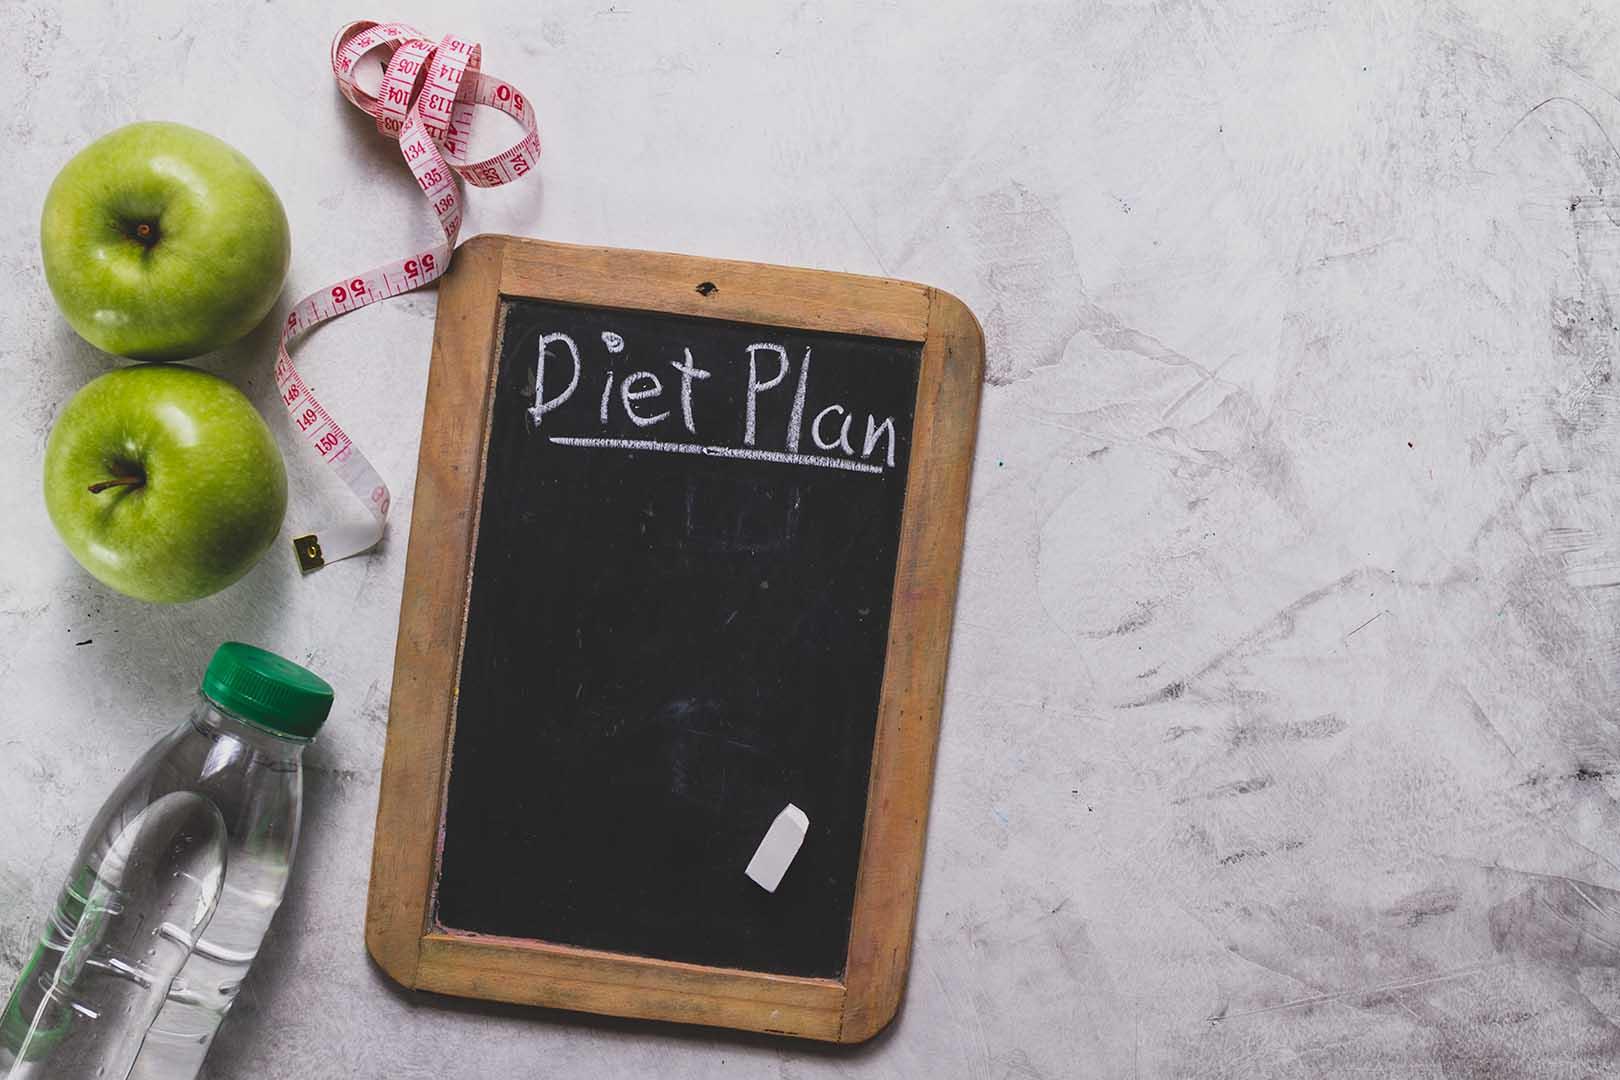 Ingin Menurunkan Berat Badan? Ini Cara Diet Sehat yang Benar dan Tidak Berbahaya